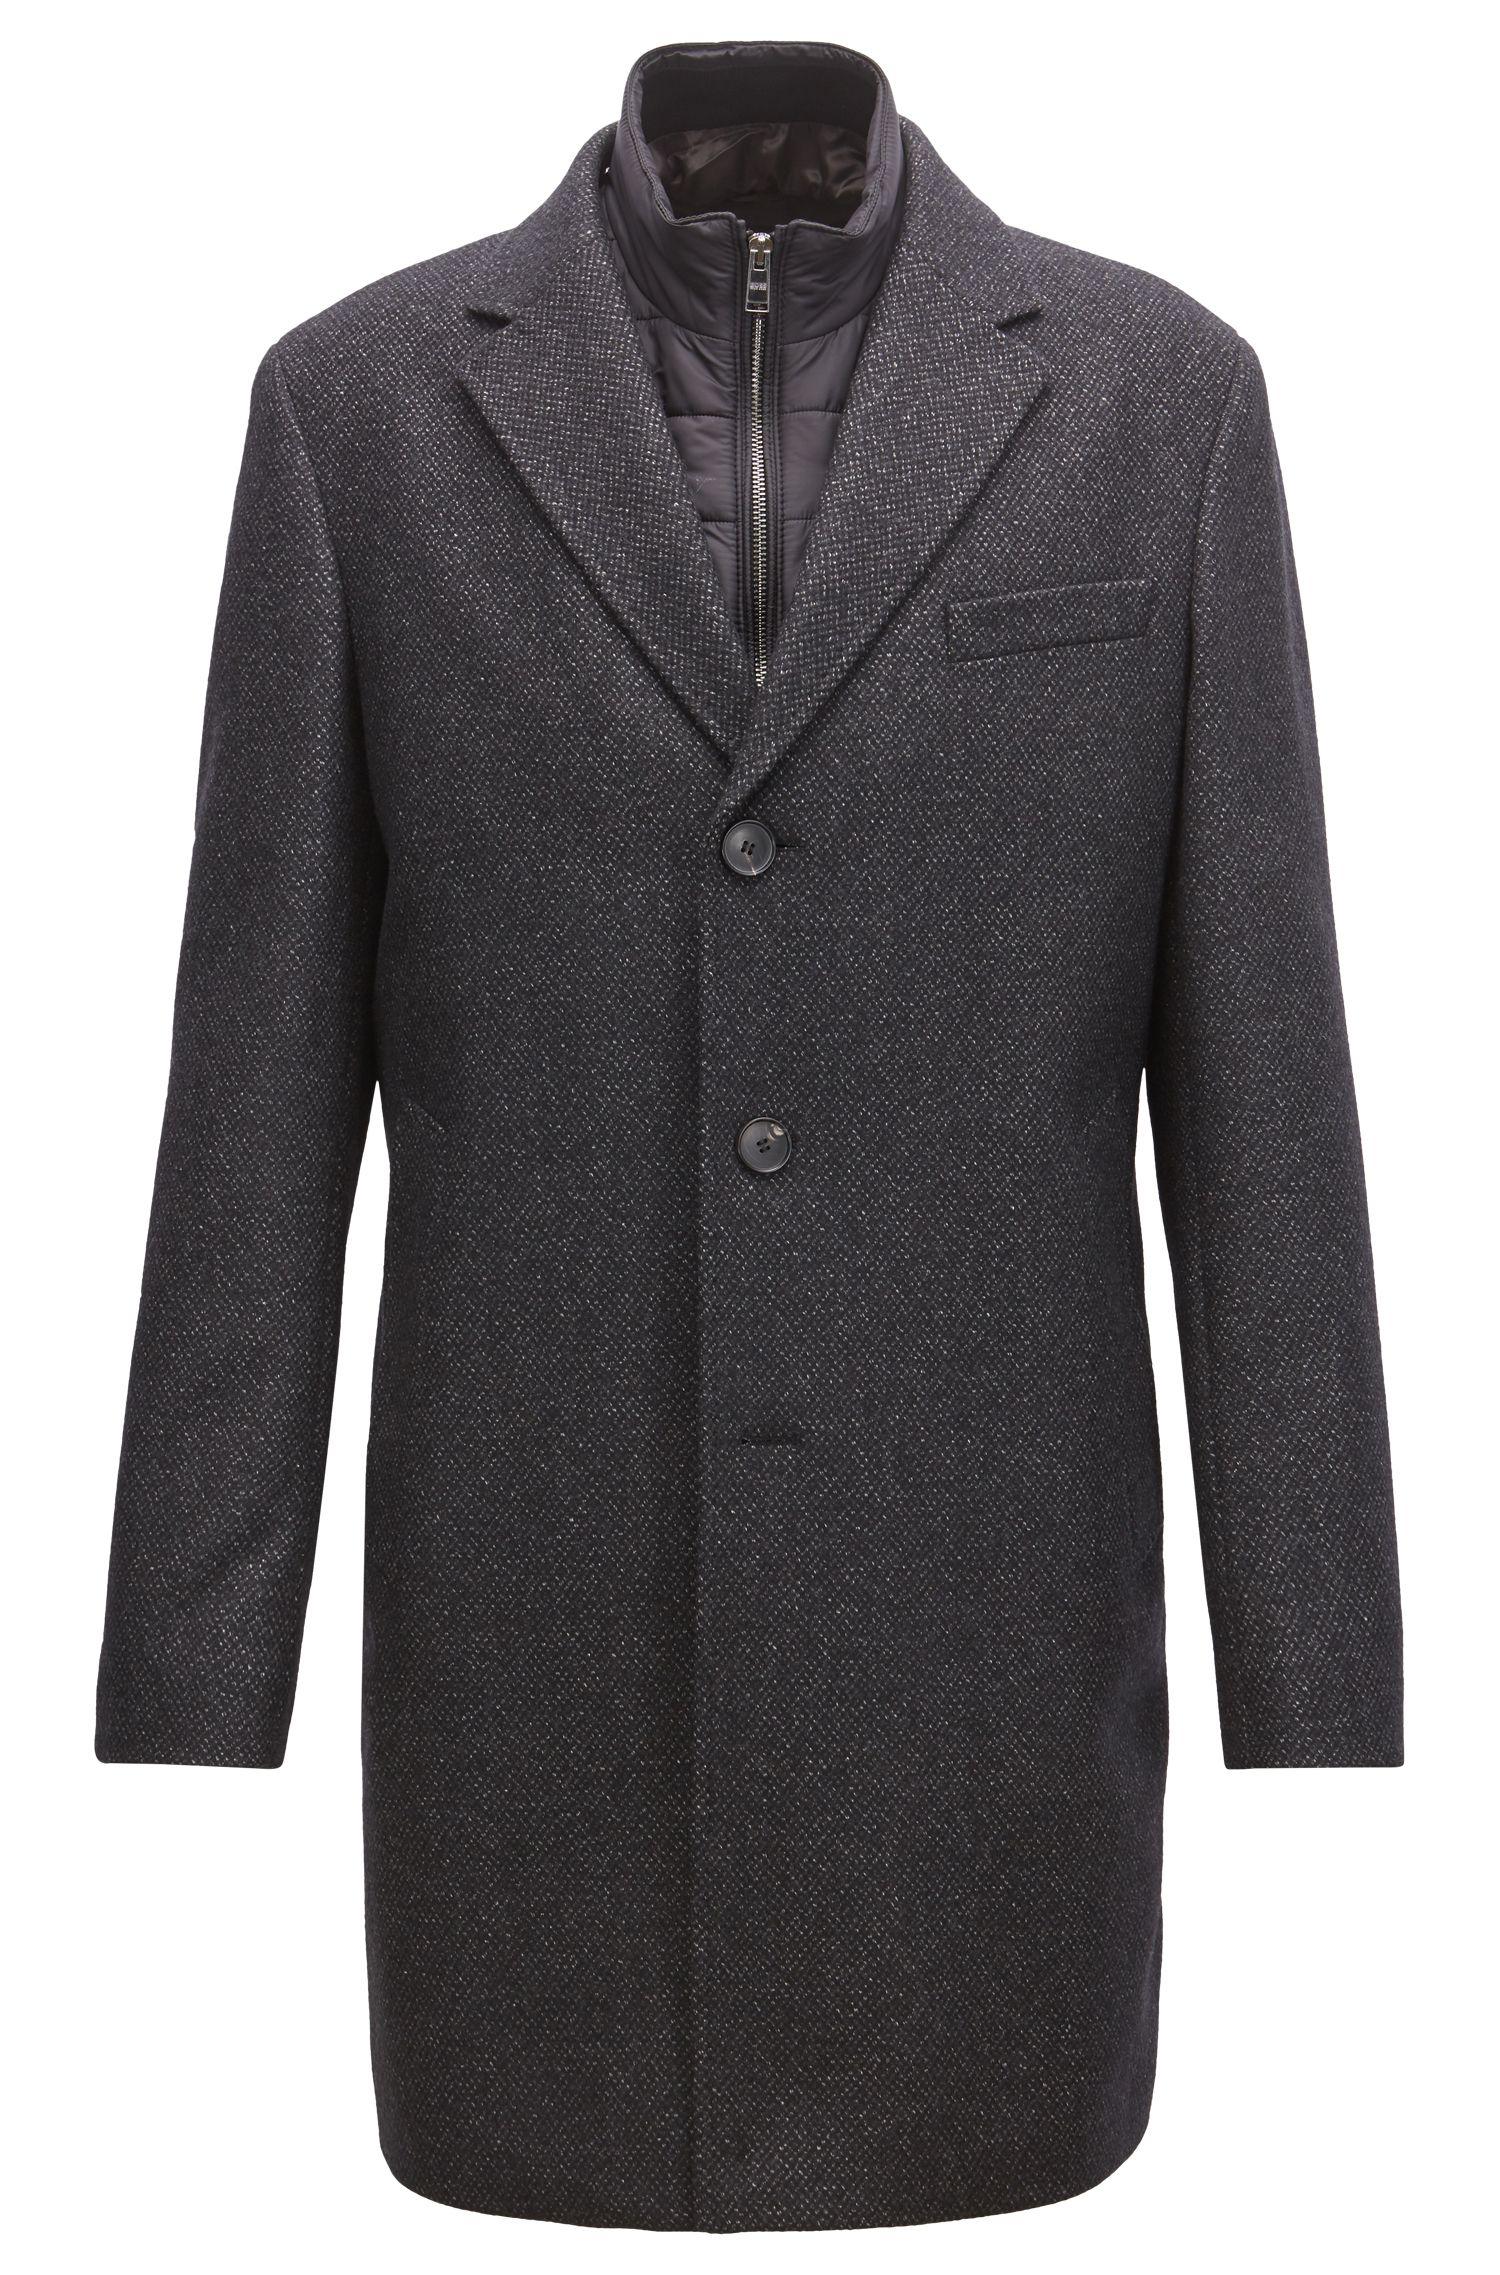 Slim-fit wool-blend coat with detachable inner bib, Dark Grey